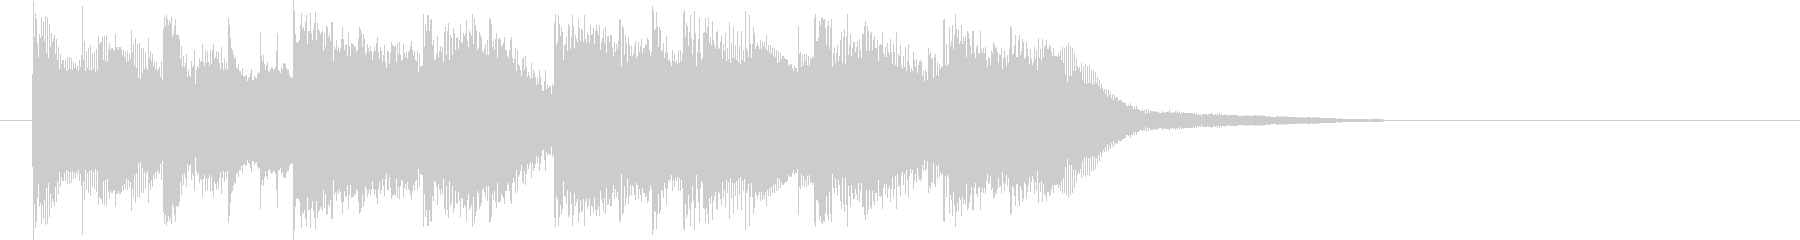 メロディアスなピコピコ音の未再生の波形